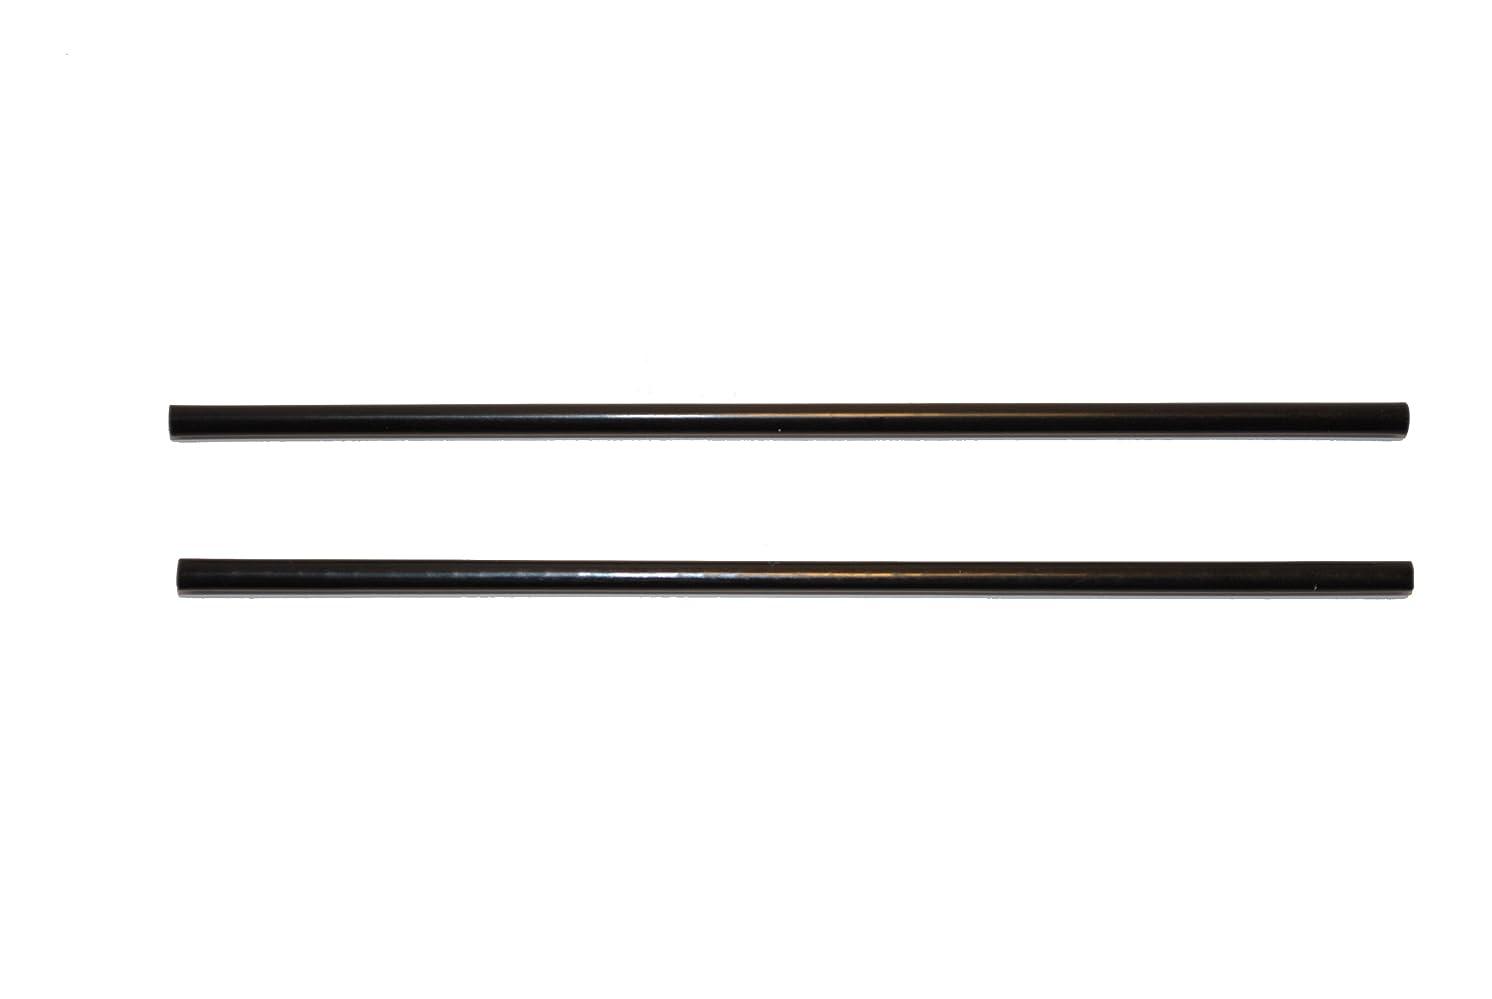 男性ゲーム設計図Perfect Stix ブラックSip Stick コーヒー&カクテルストロー(10,000本入り)